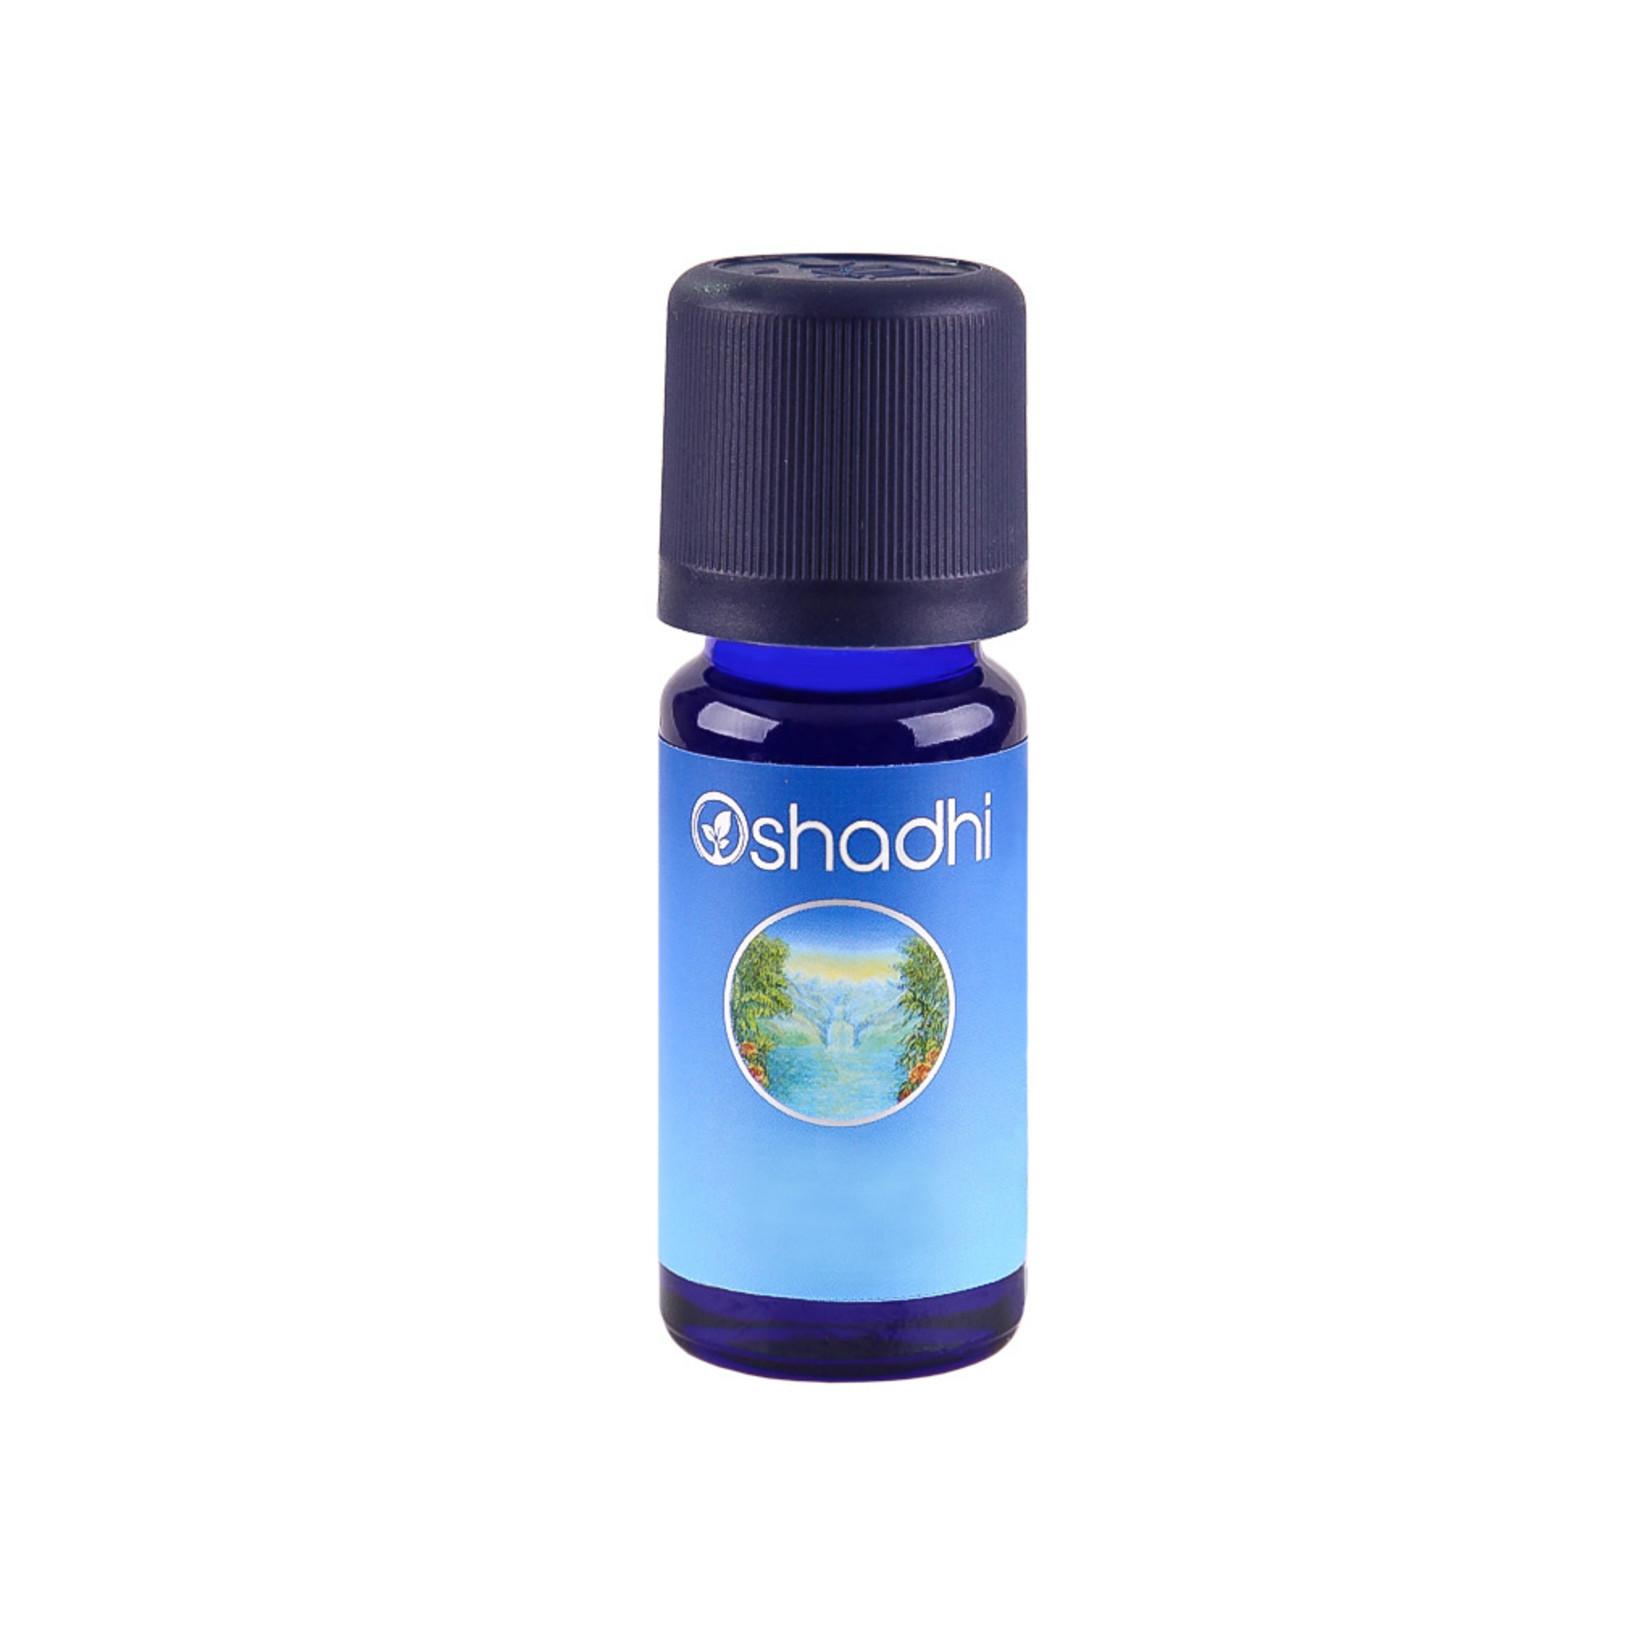 Oshadhi Zoete sinaas EO Oshadhi - voeding voor de ziel - 10ml